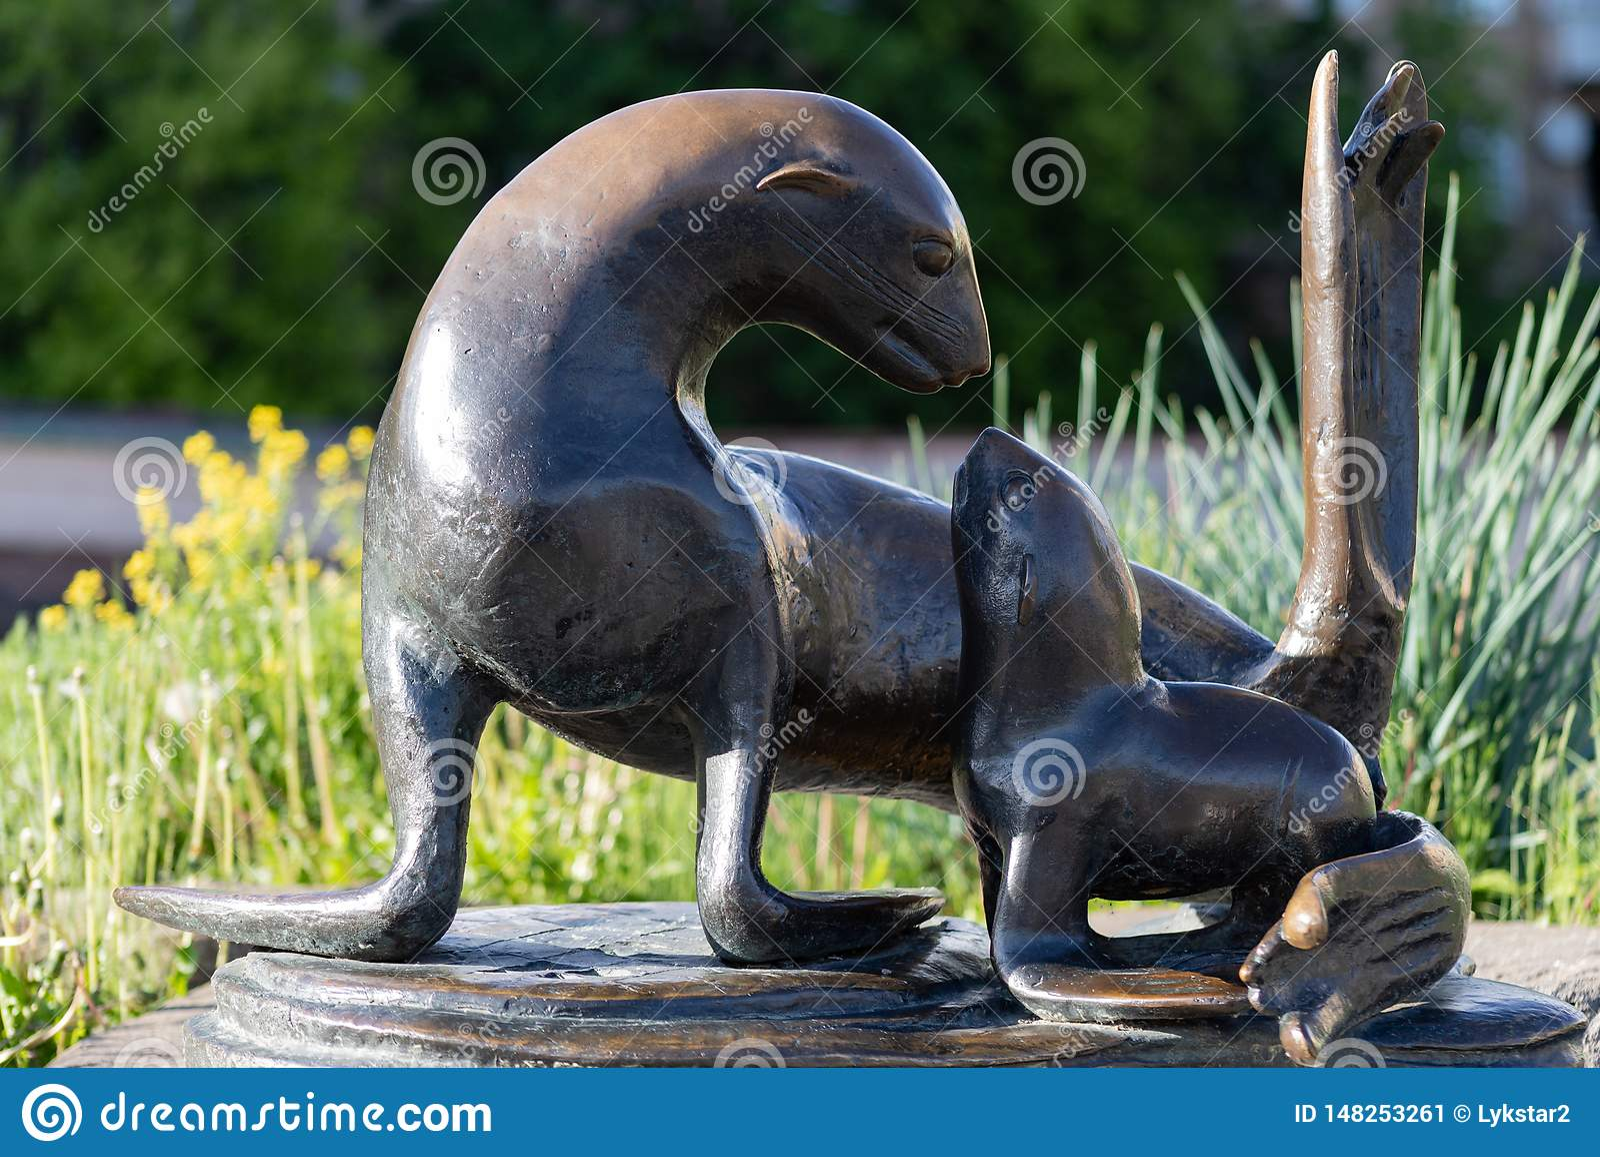 Moscou escultura do jardim zoológico de Moscou do 17 de maio de 2019 de um selo com um bebê, um símbolo do amor e Ca